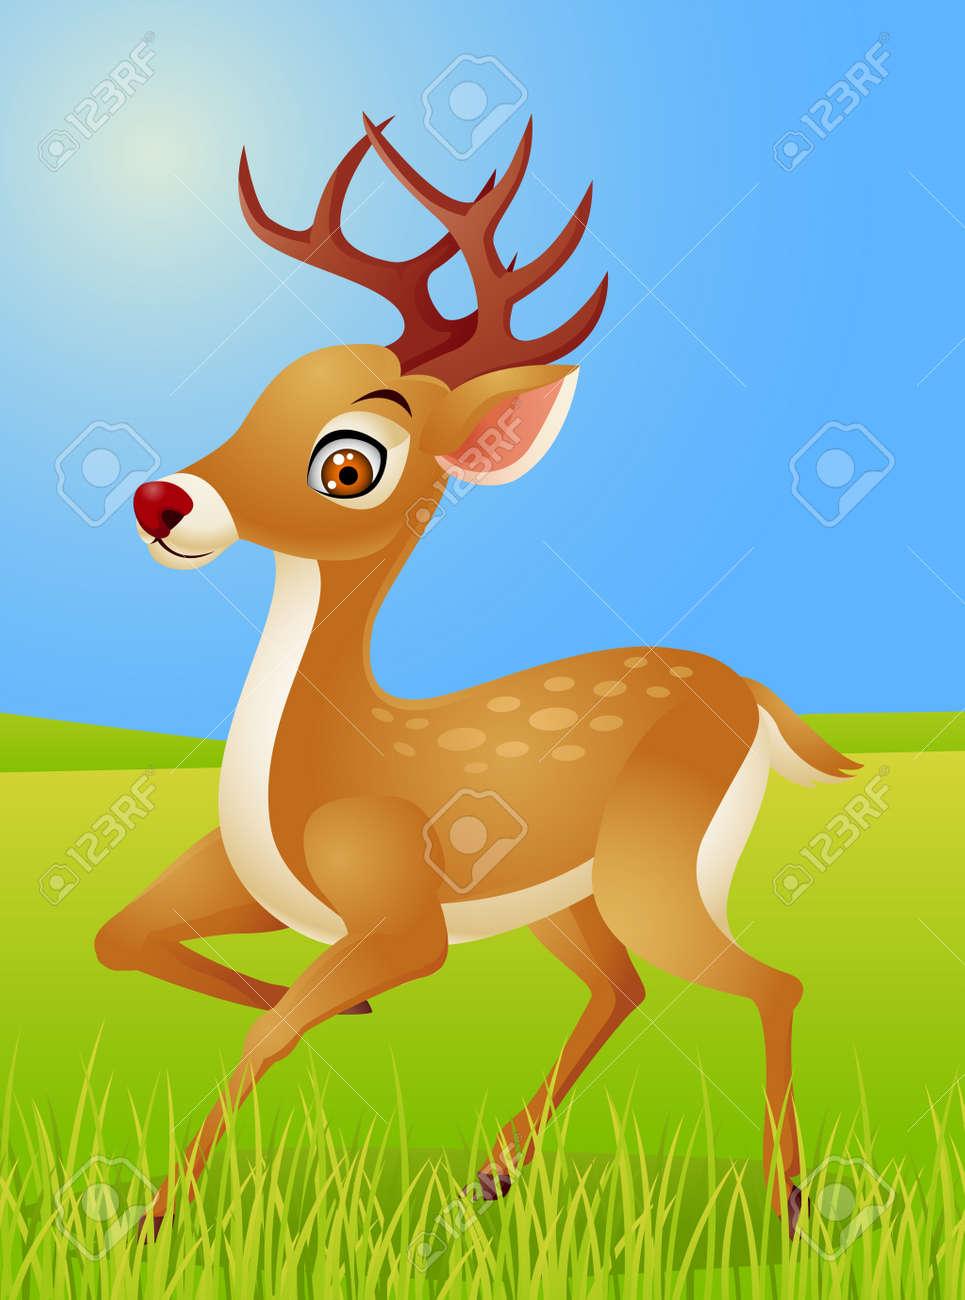 Deer cartoon Stock Vector - 13496483